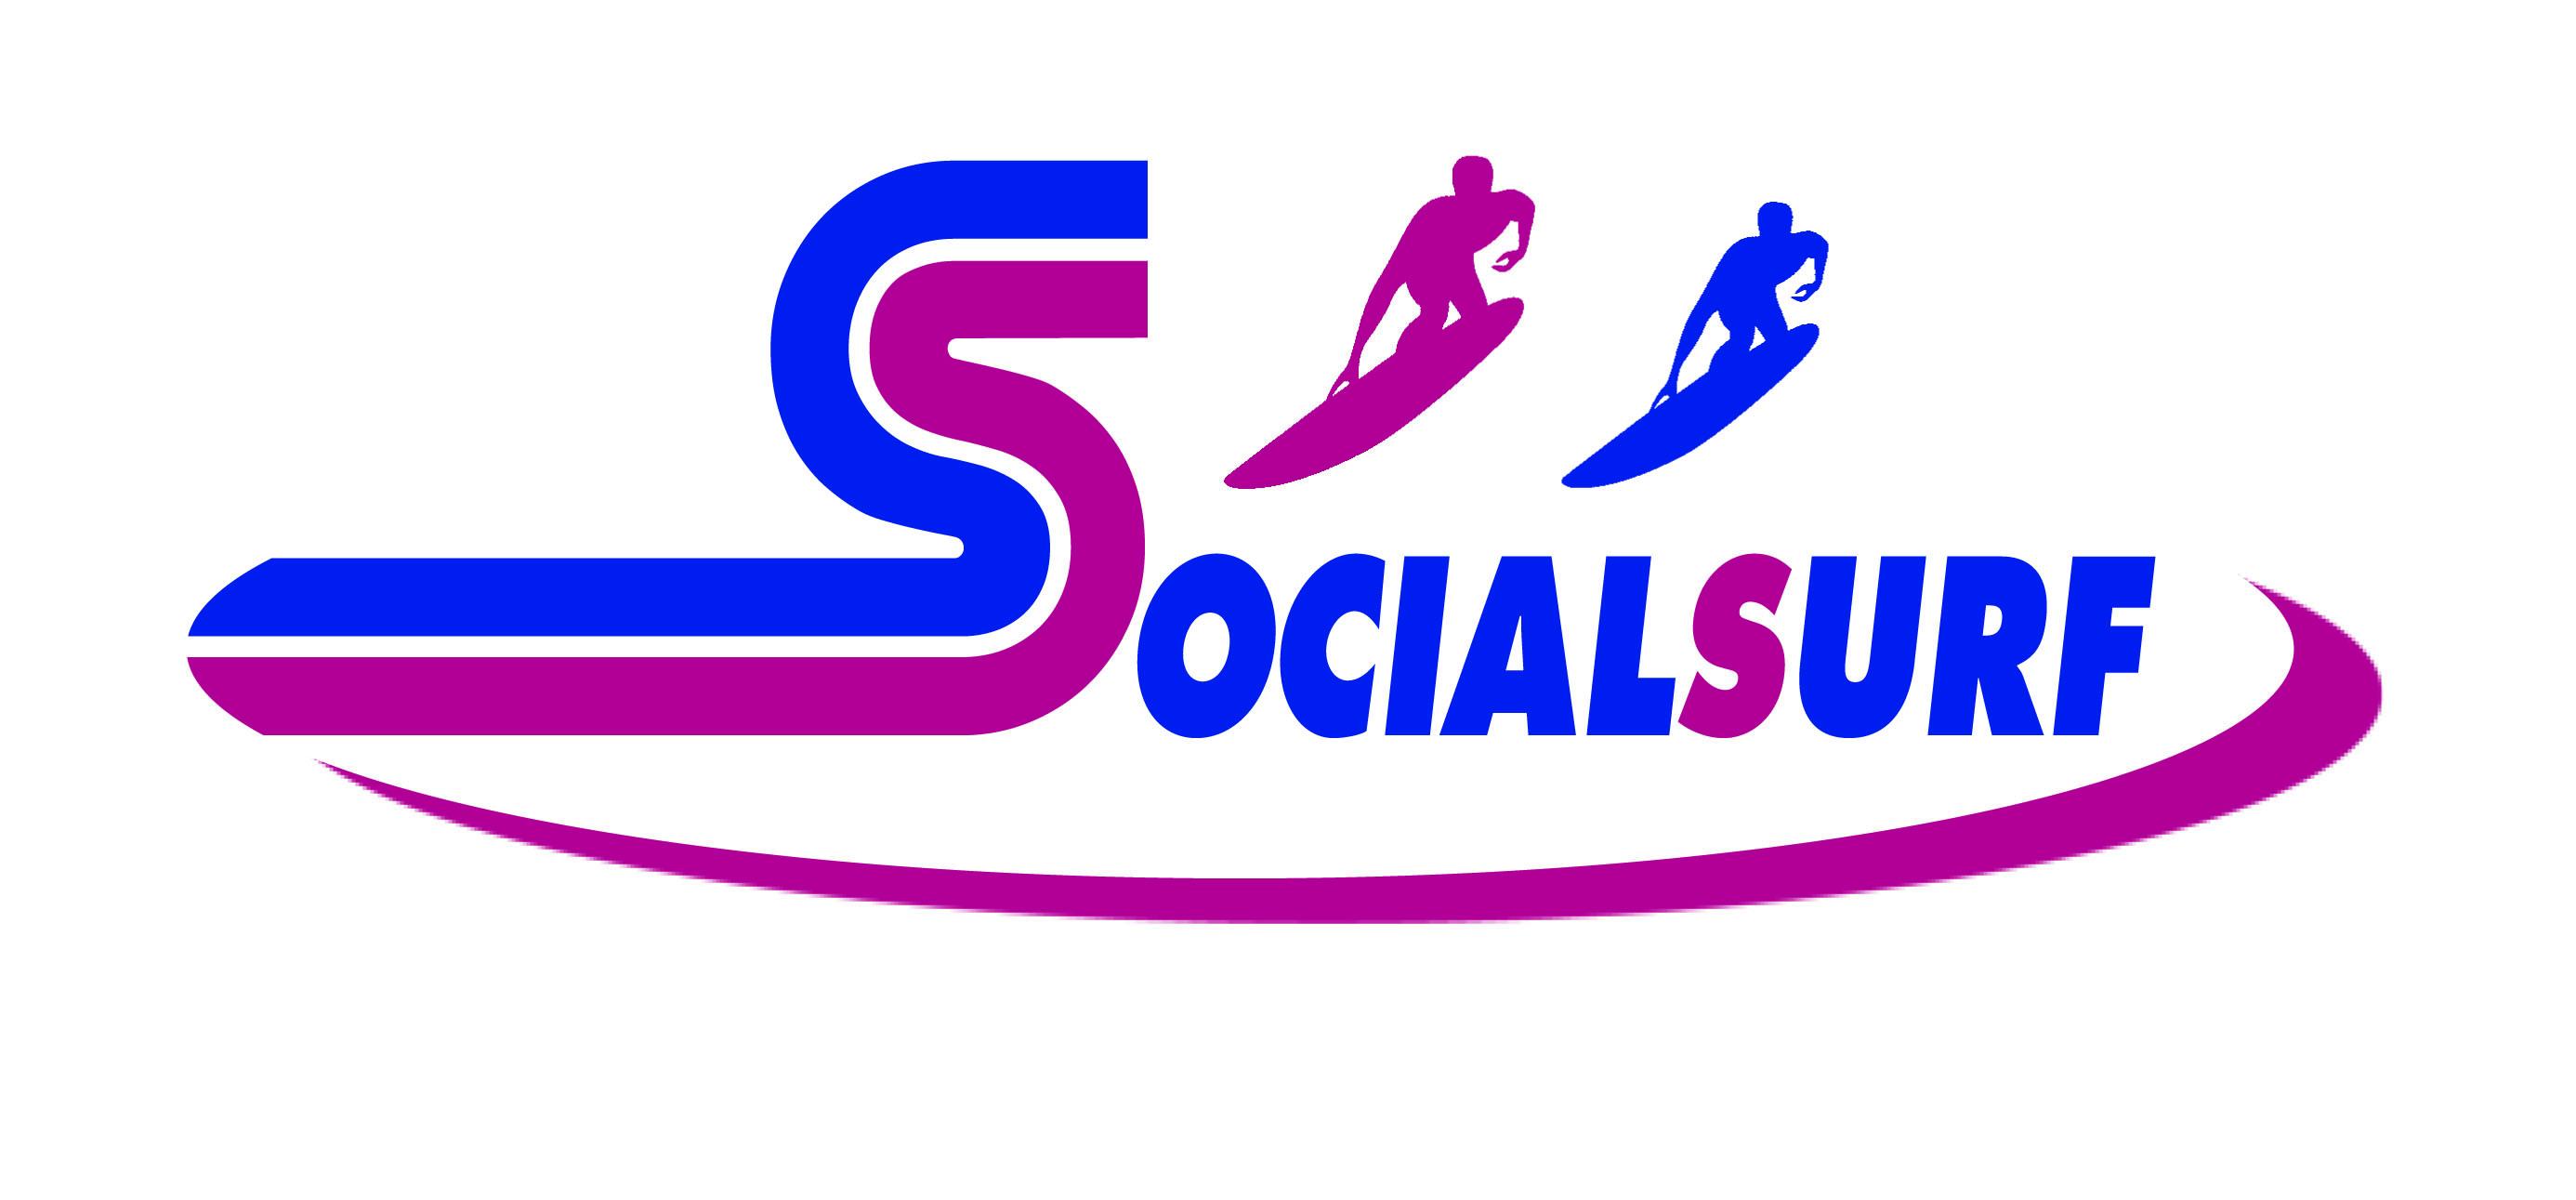 SOCIALSURF